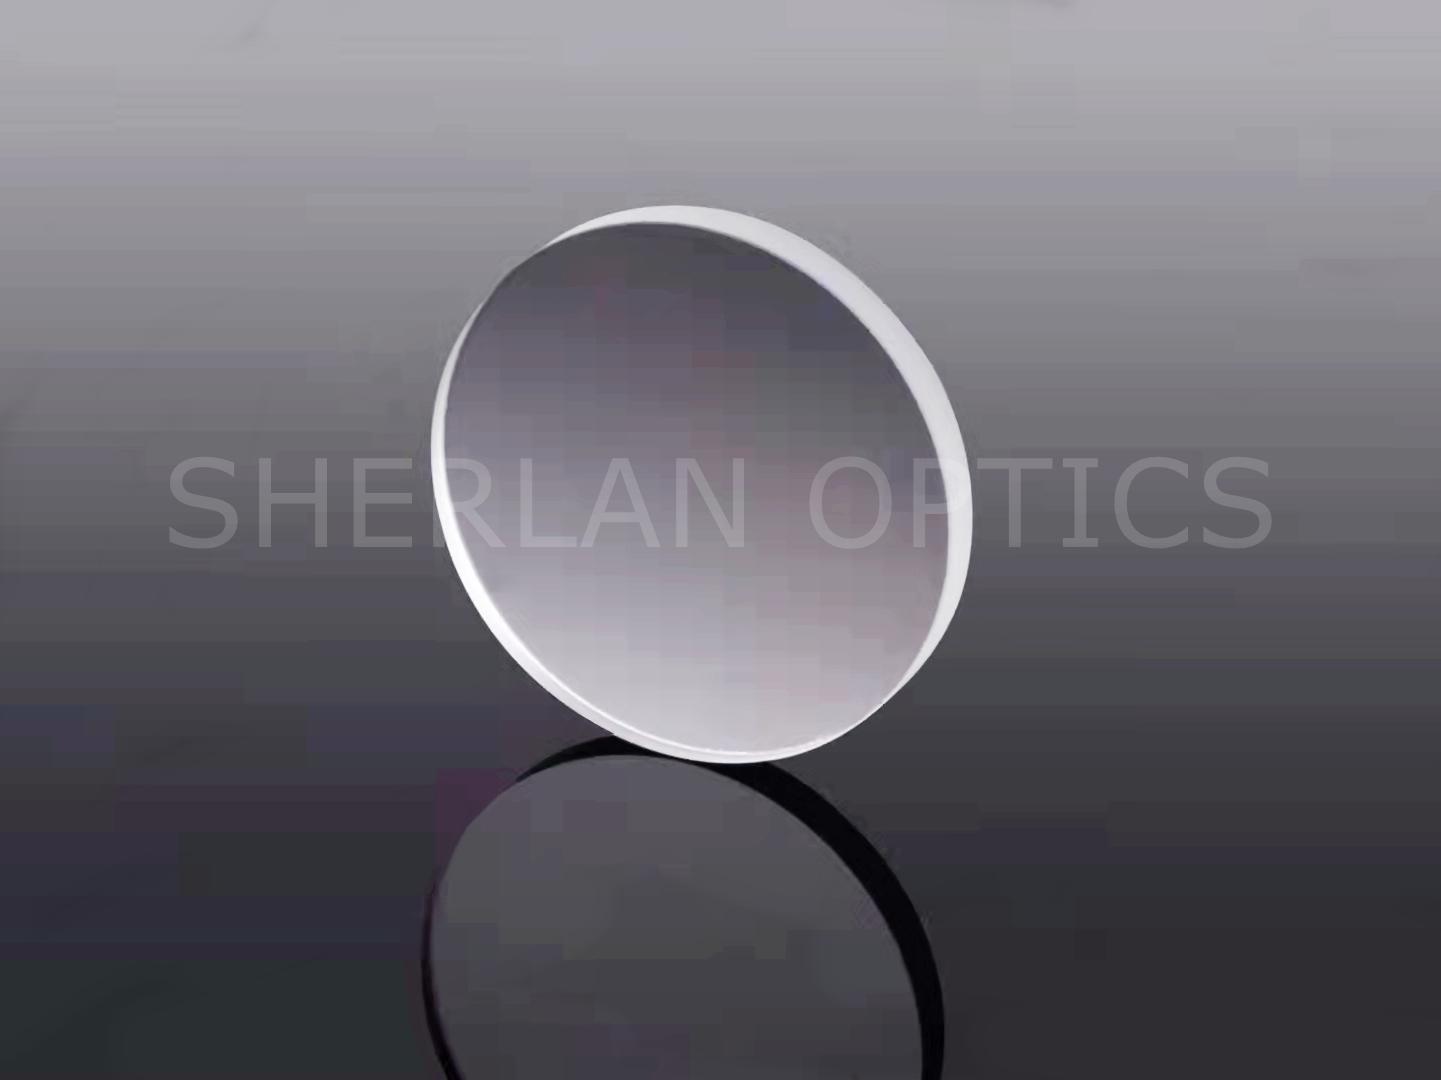 Сапфировые окна | Sherlan оптика